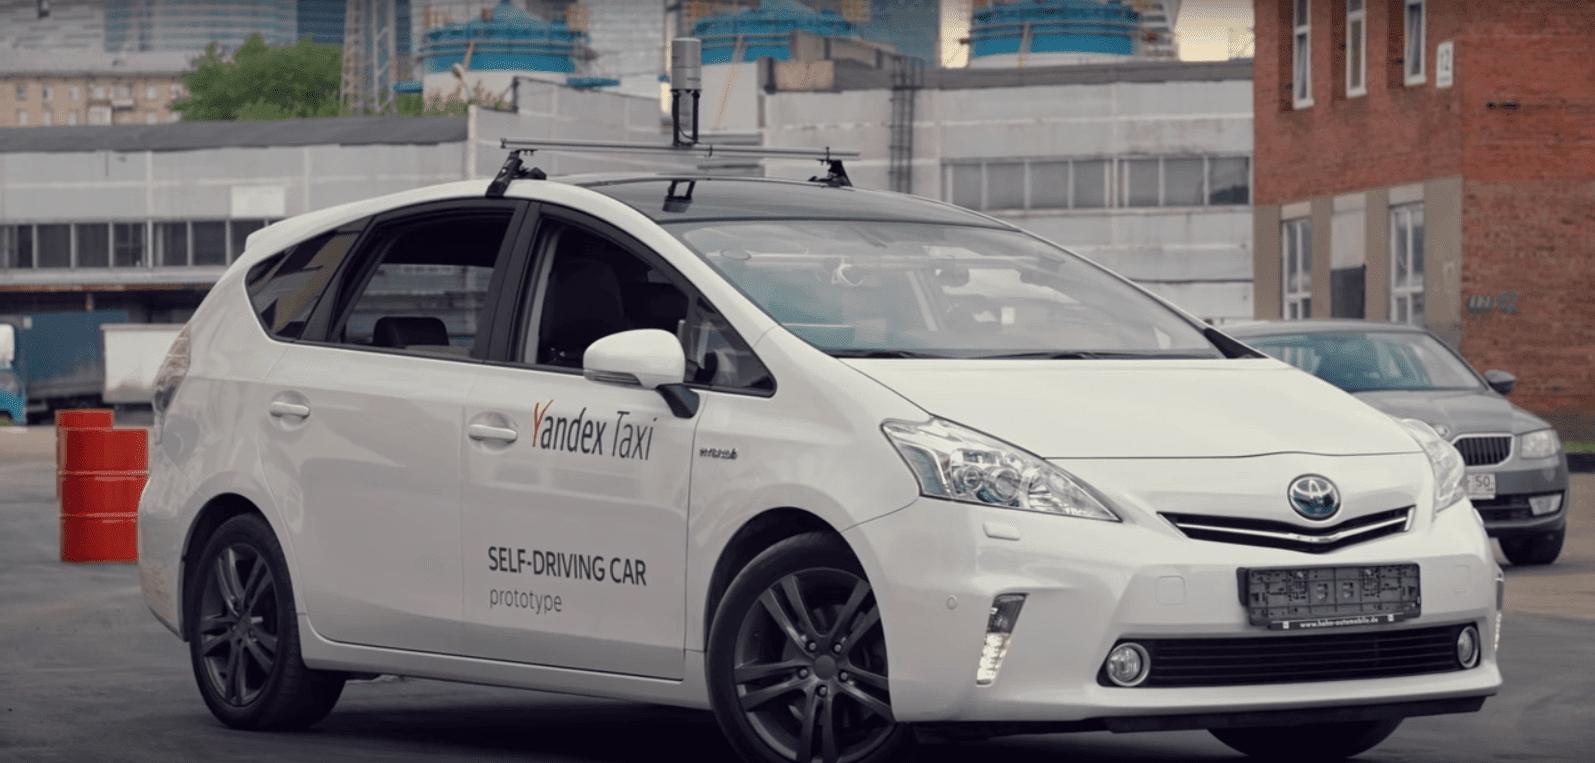 Κι όμως υπάρχει! Το πρώτο ταξί χωρίς οδηγό ήρθε στην Ευρώπη (vid)